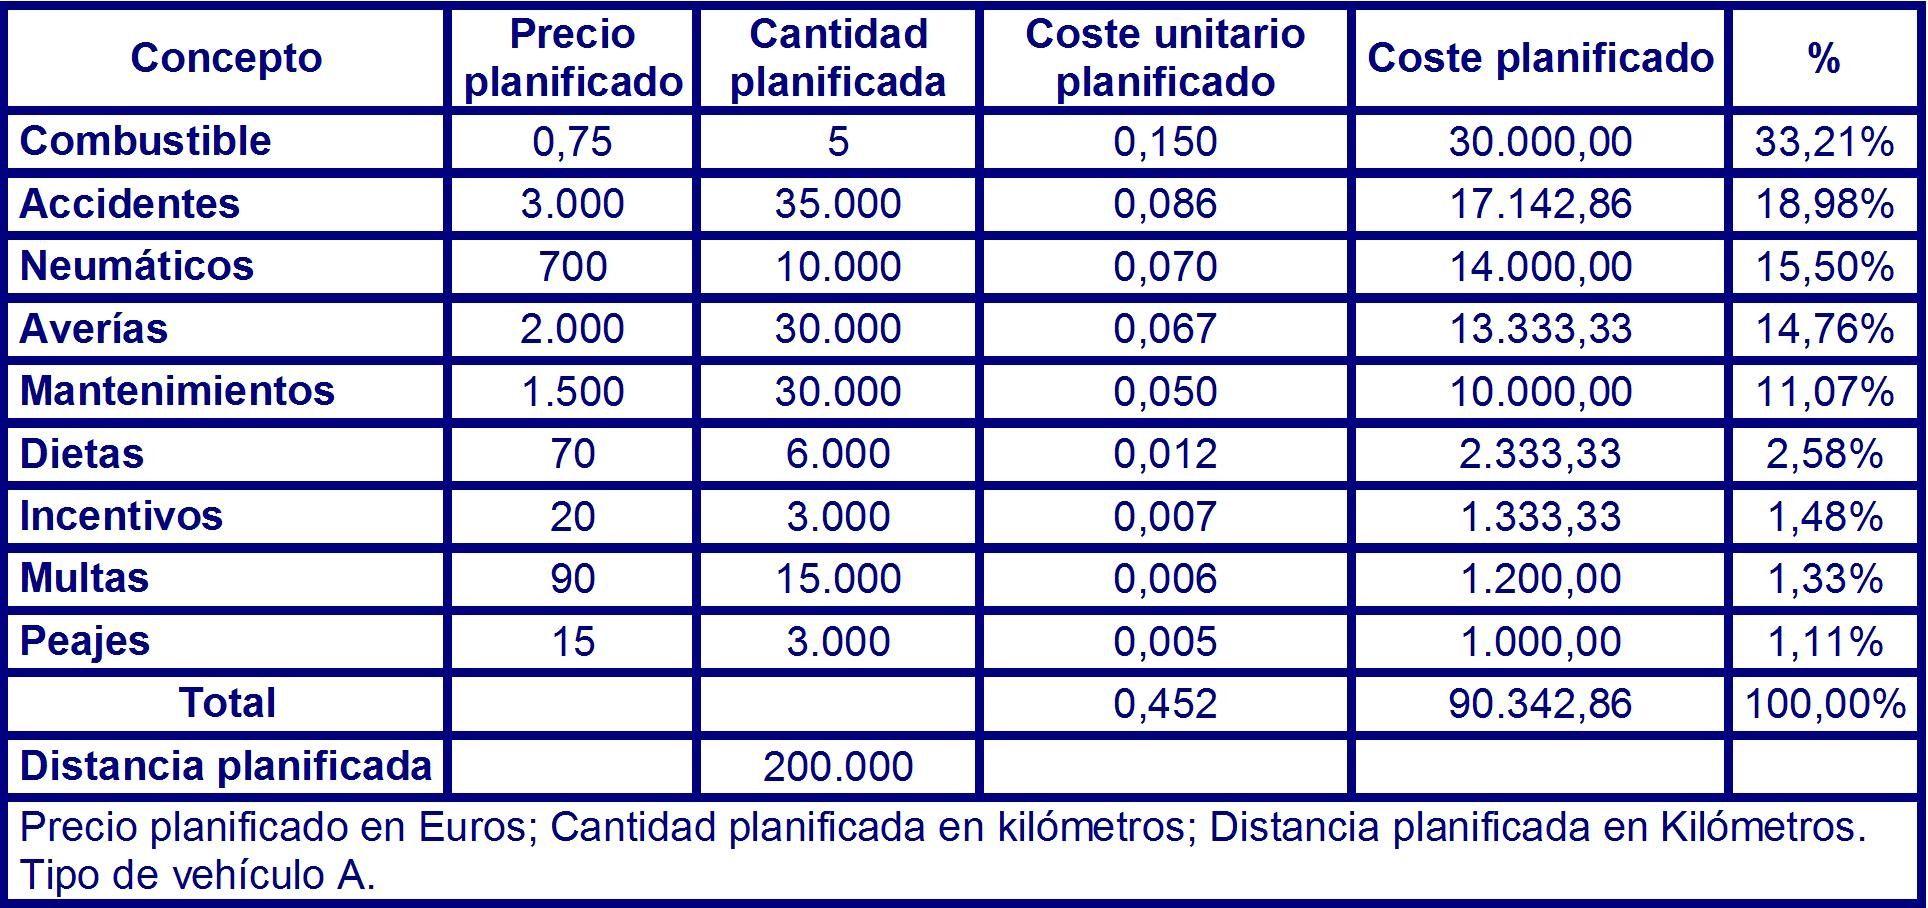 Tabla 64 costes planificados para el vehículo del tipo A en el instante T2 .